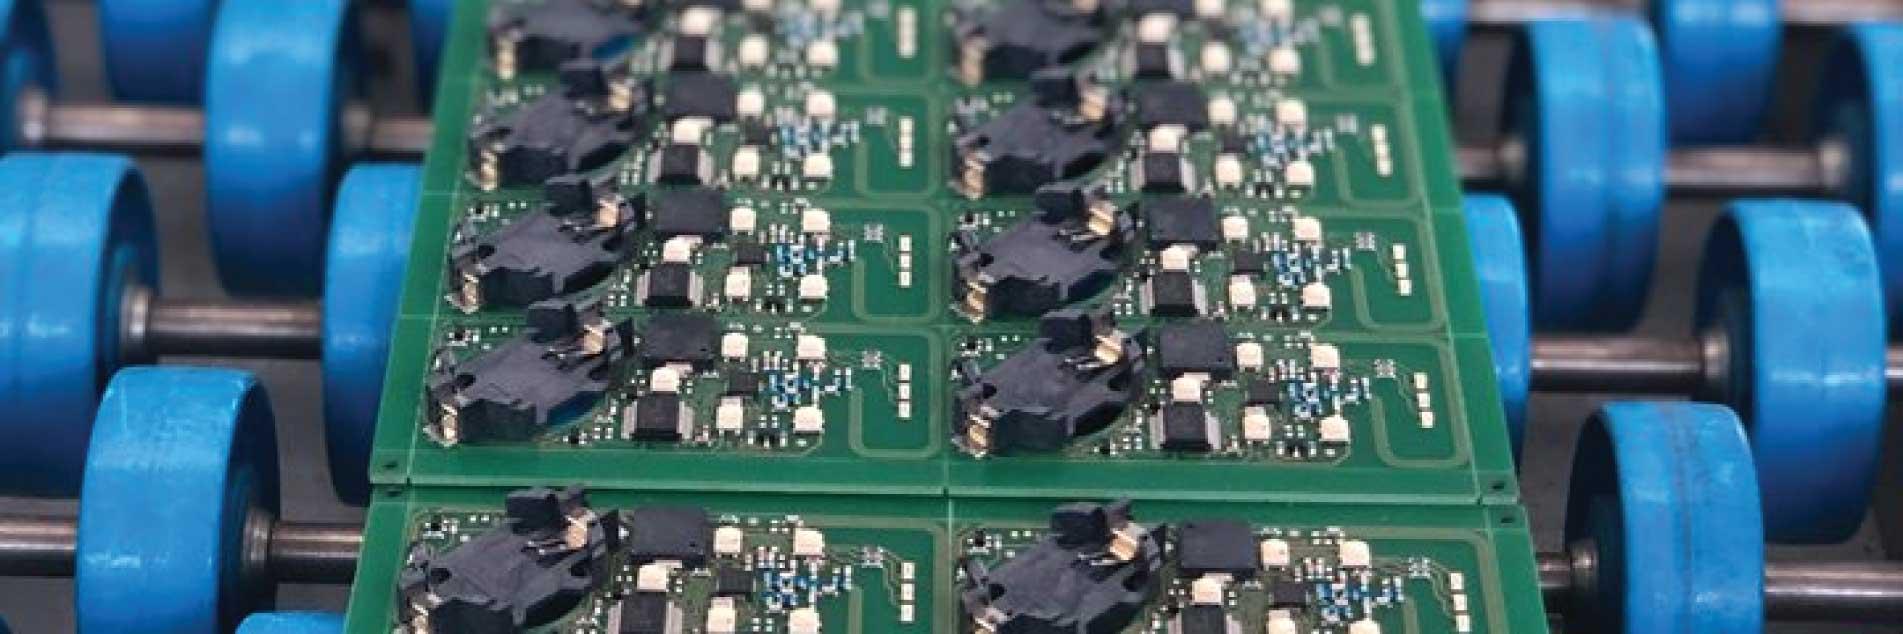 מערכות בקרה אמינות ויעילות | Cardin Elettronica